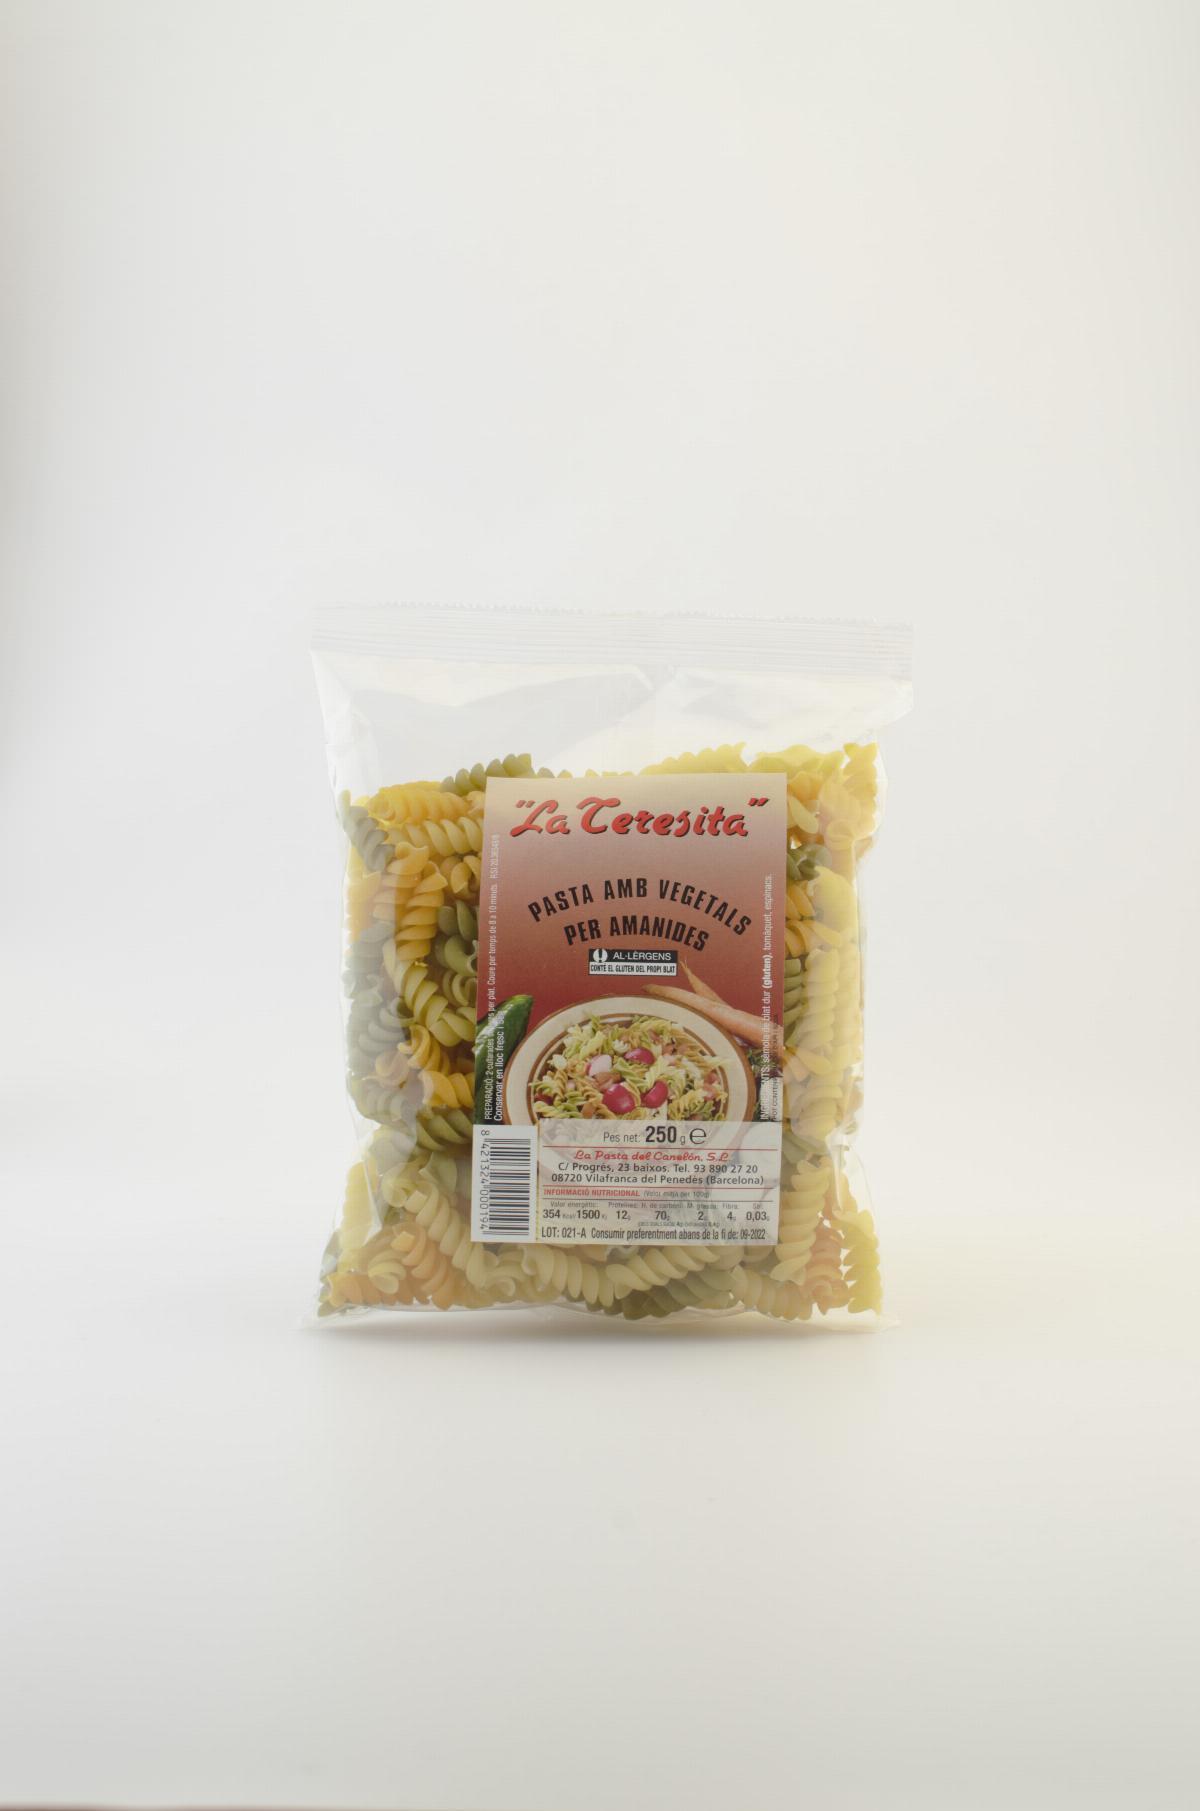 Pasta - Pâte Fusilli avec legumes La Teresita 250g - Mestral Cambrils